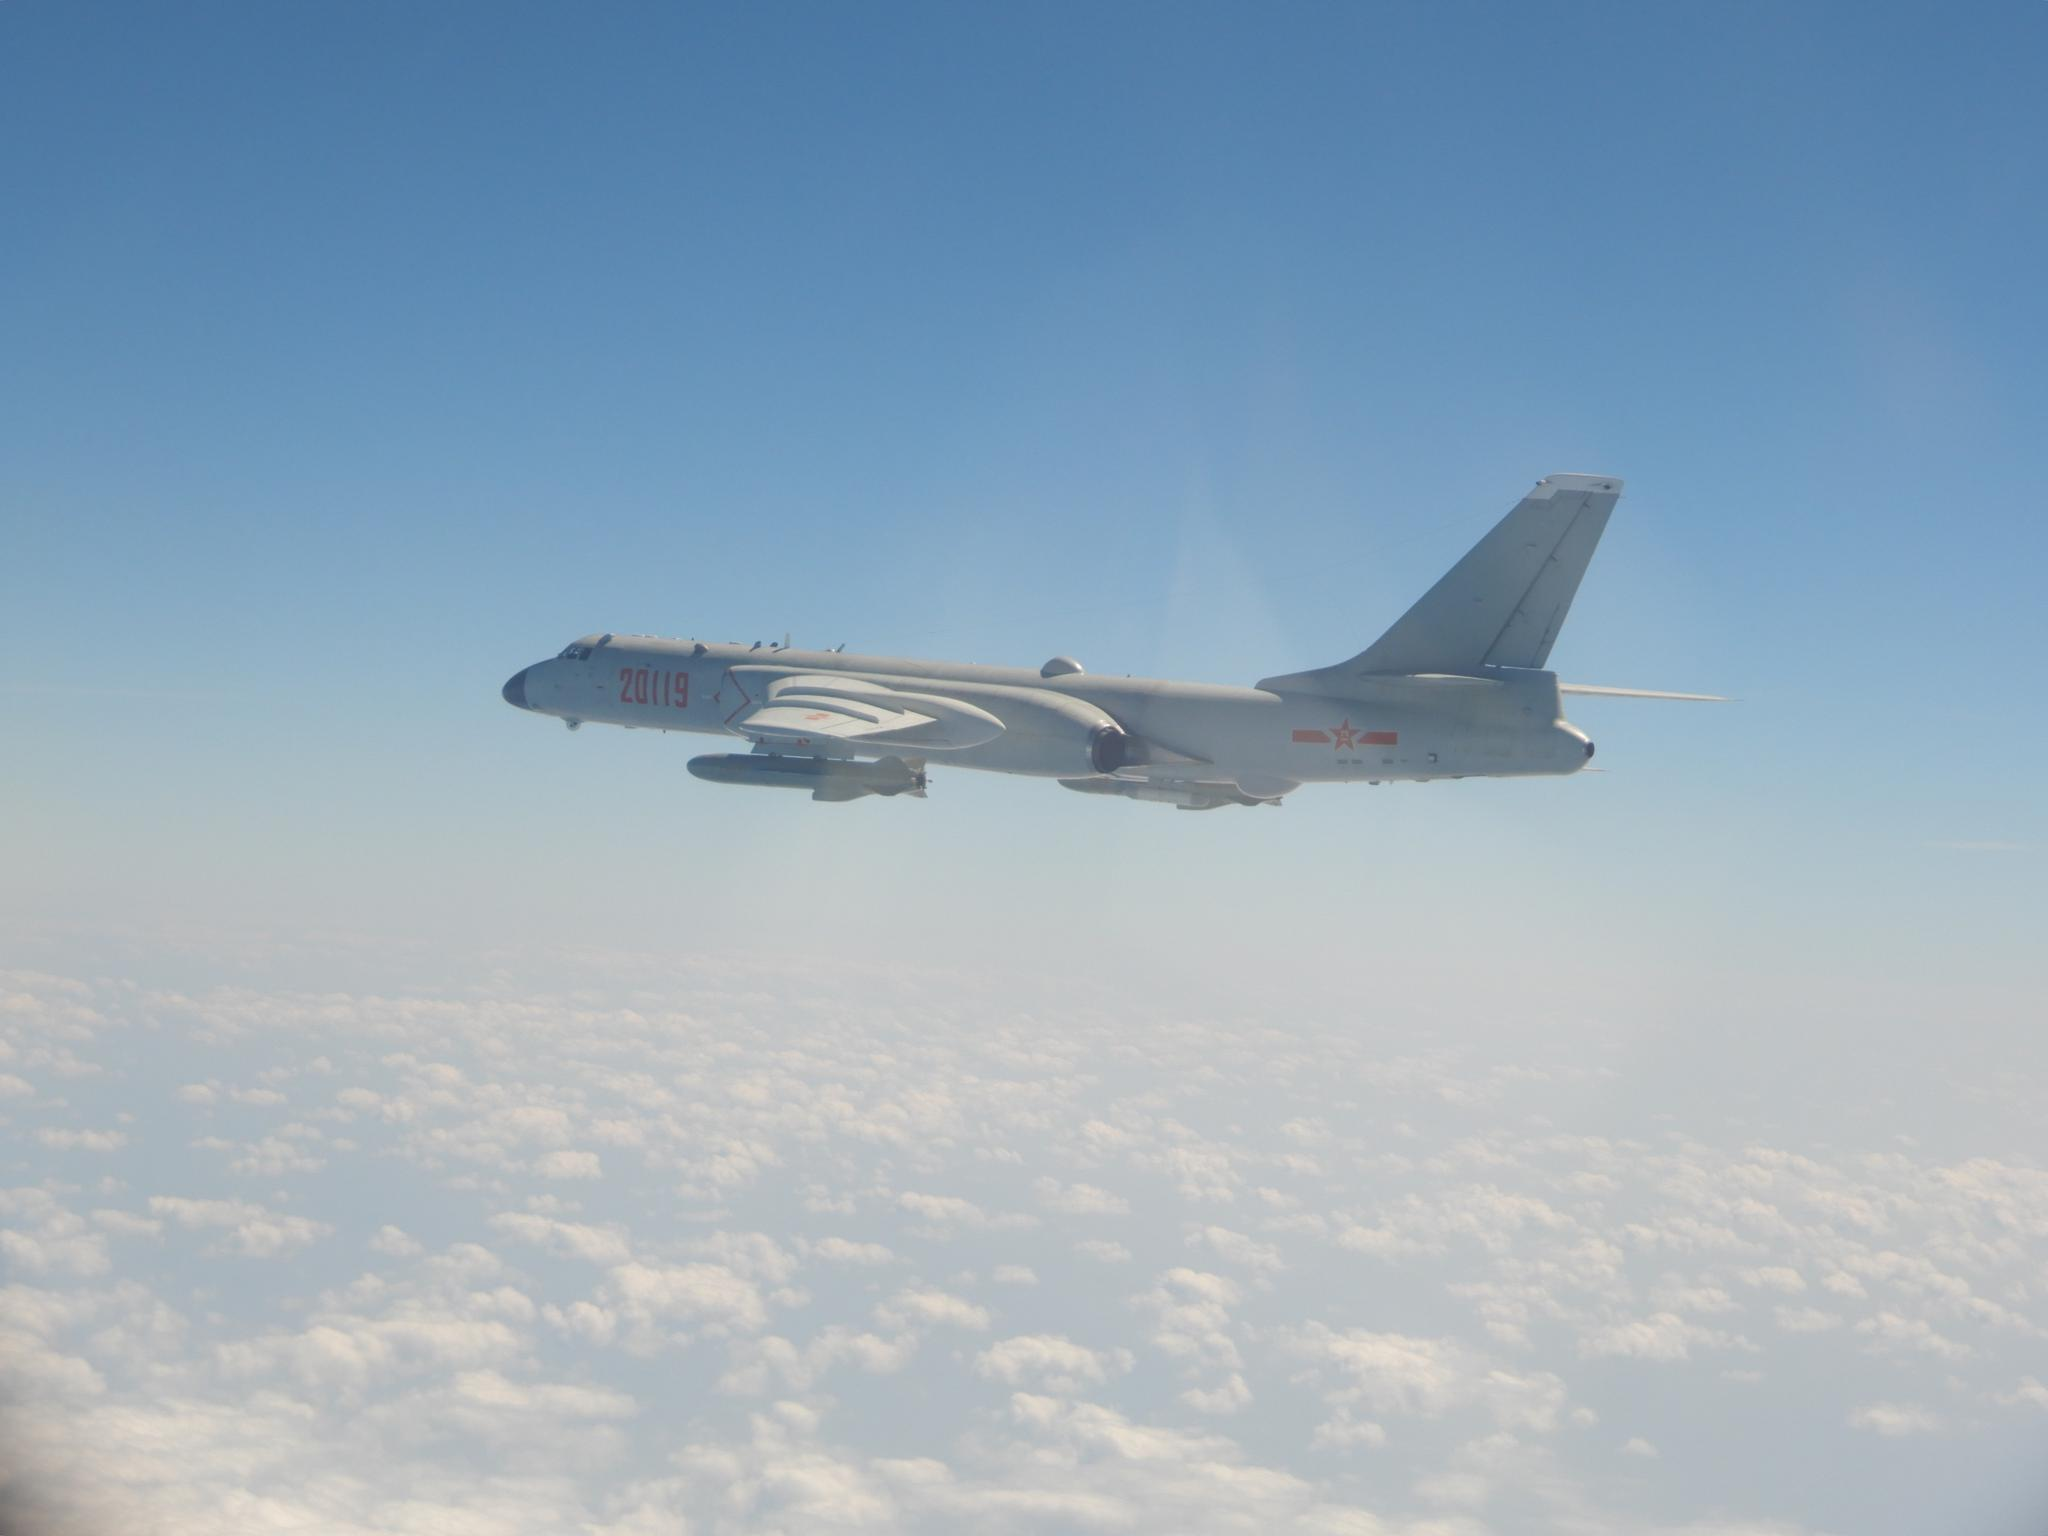 台军声称战机升空应对大陆军机 却未拍下任何照片图片